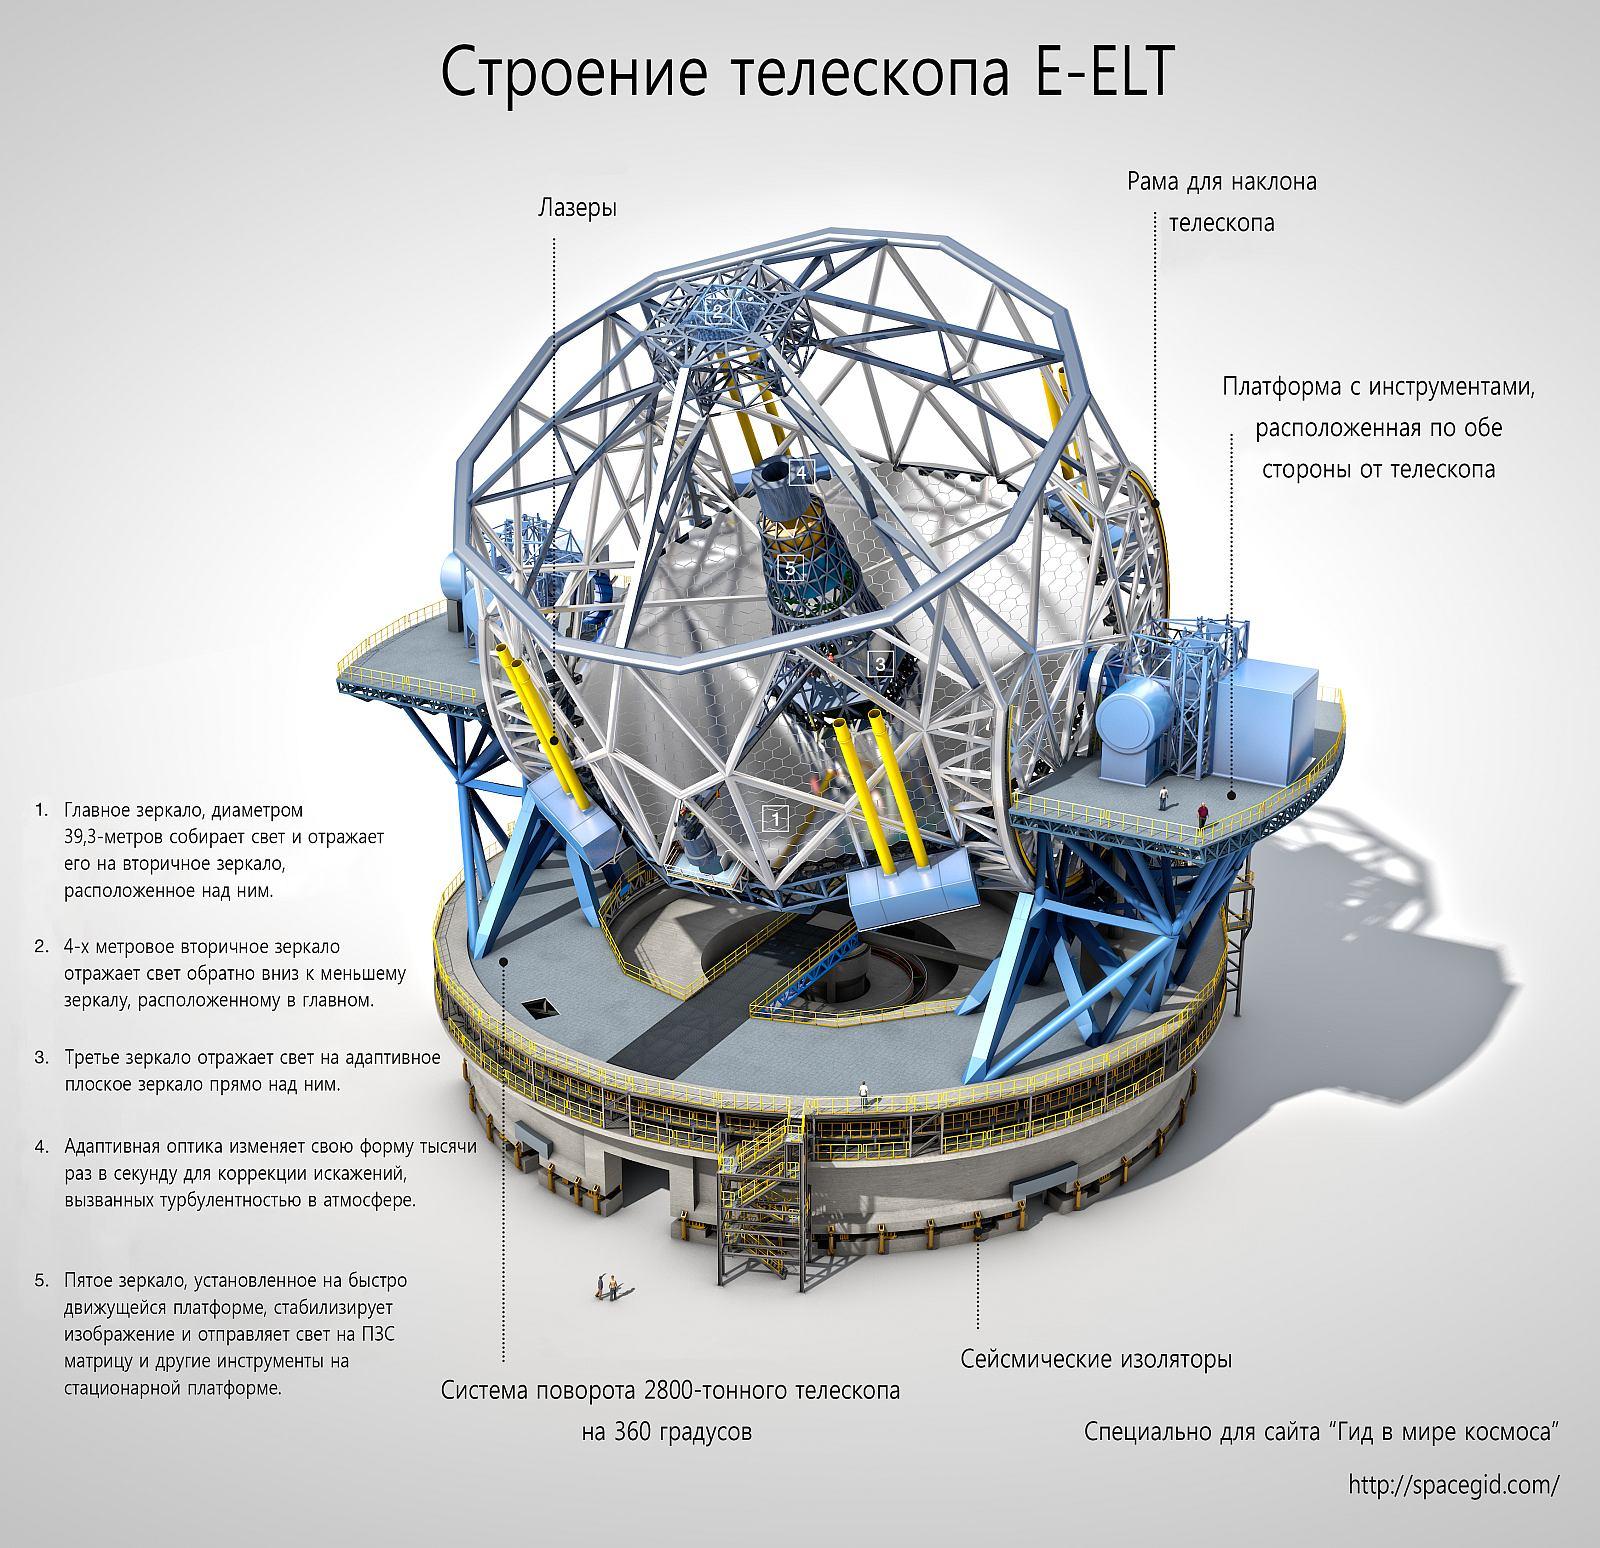 Схема строения E-ELT